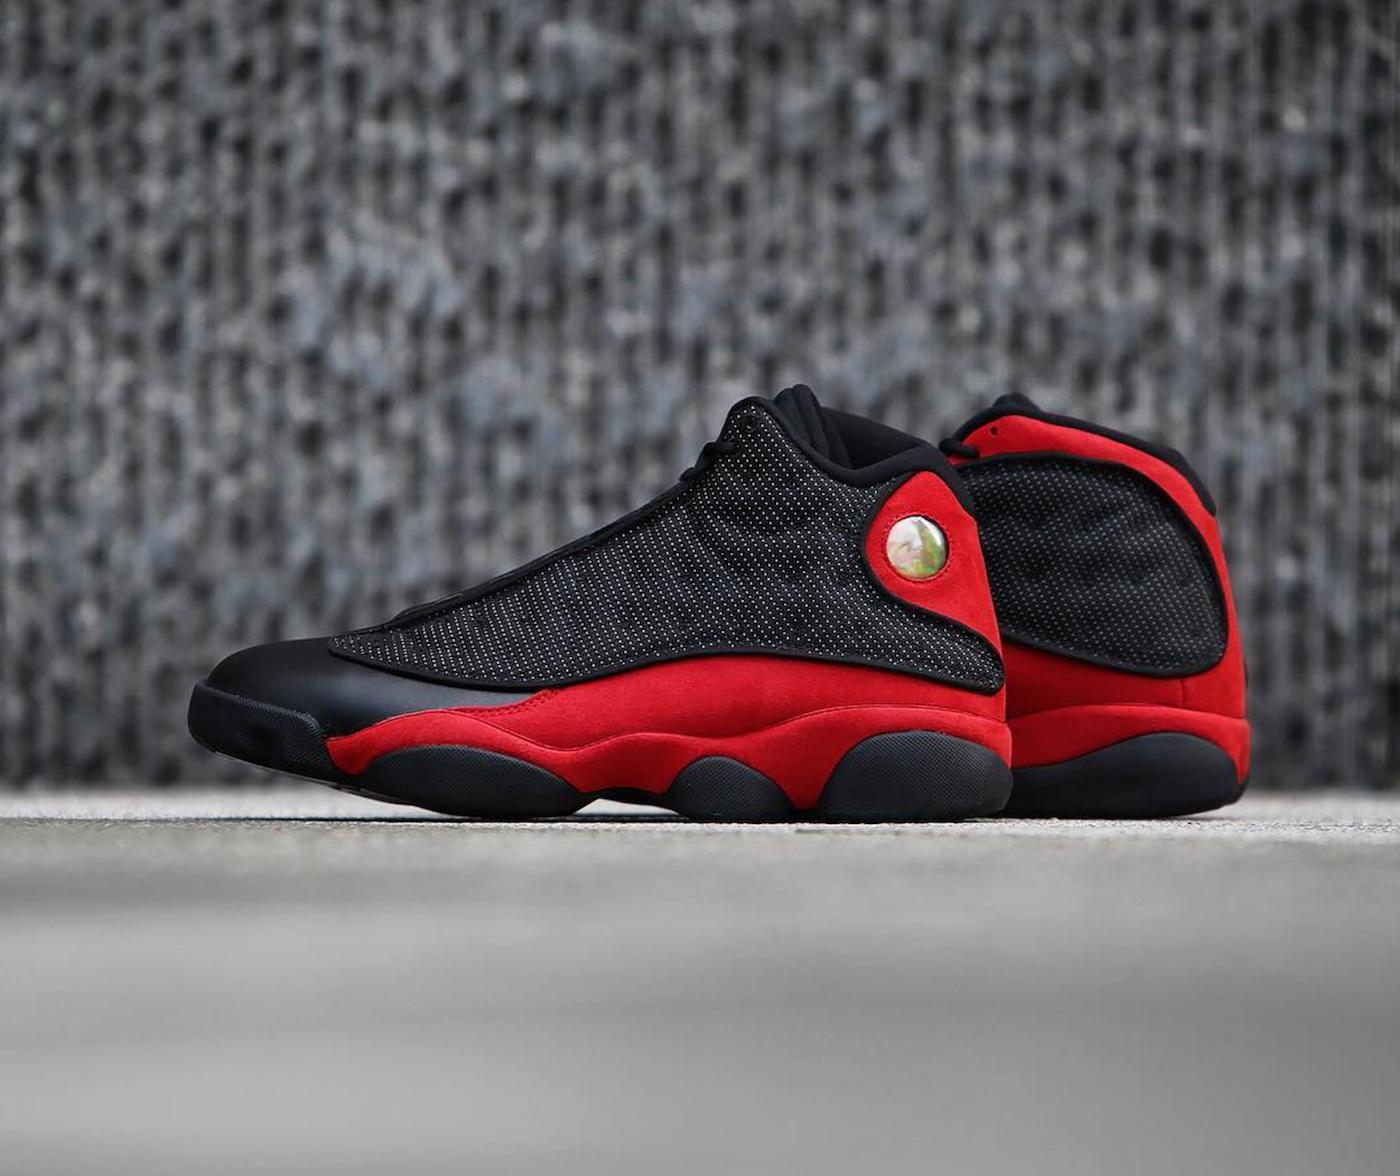 air jordan 13 retro black red 104